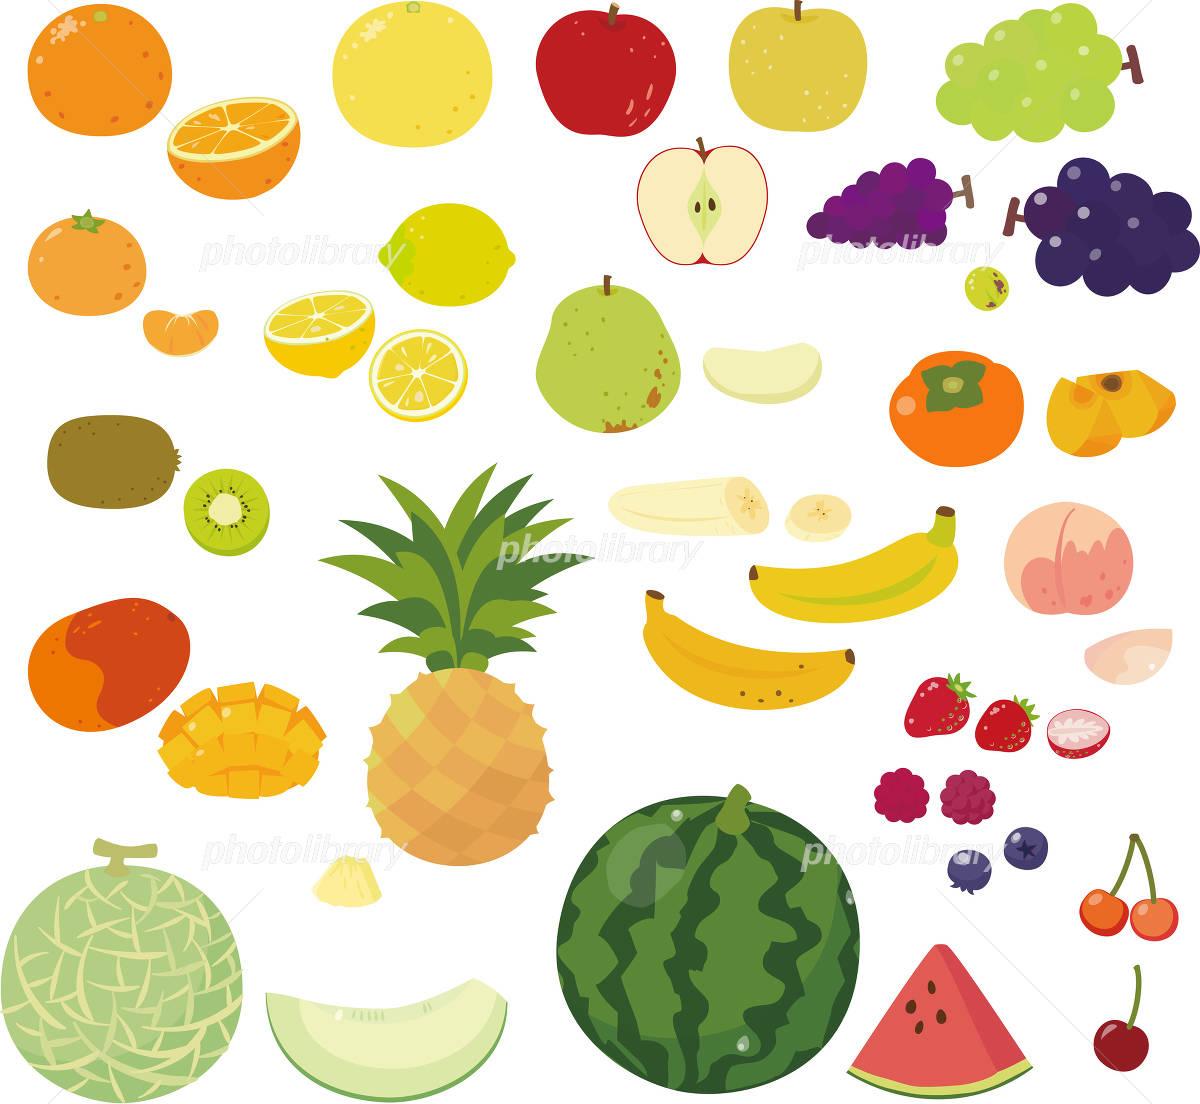 いろいろな果物 イラスト素材 [ 3601062 ] - フォトライブラリー ...